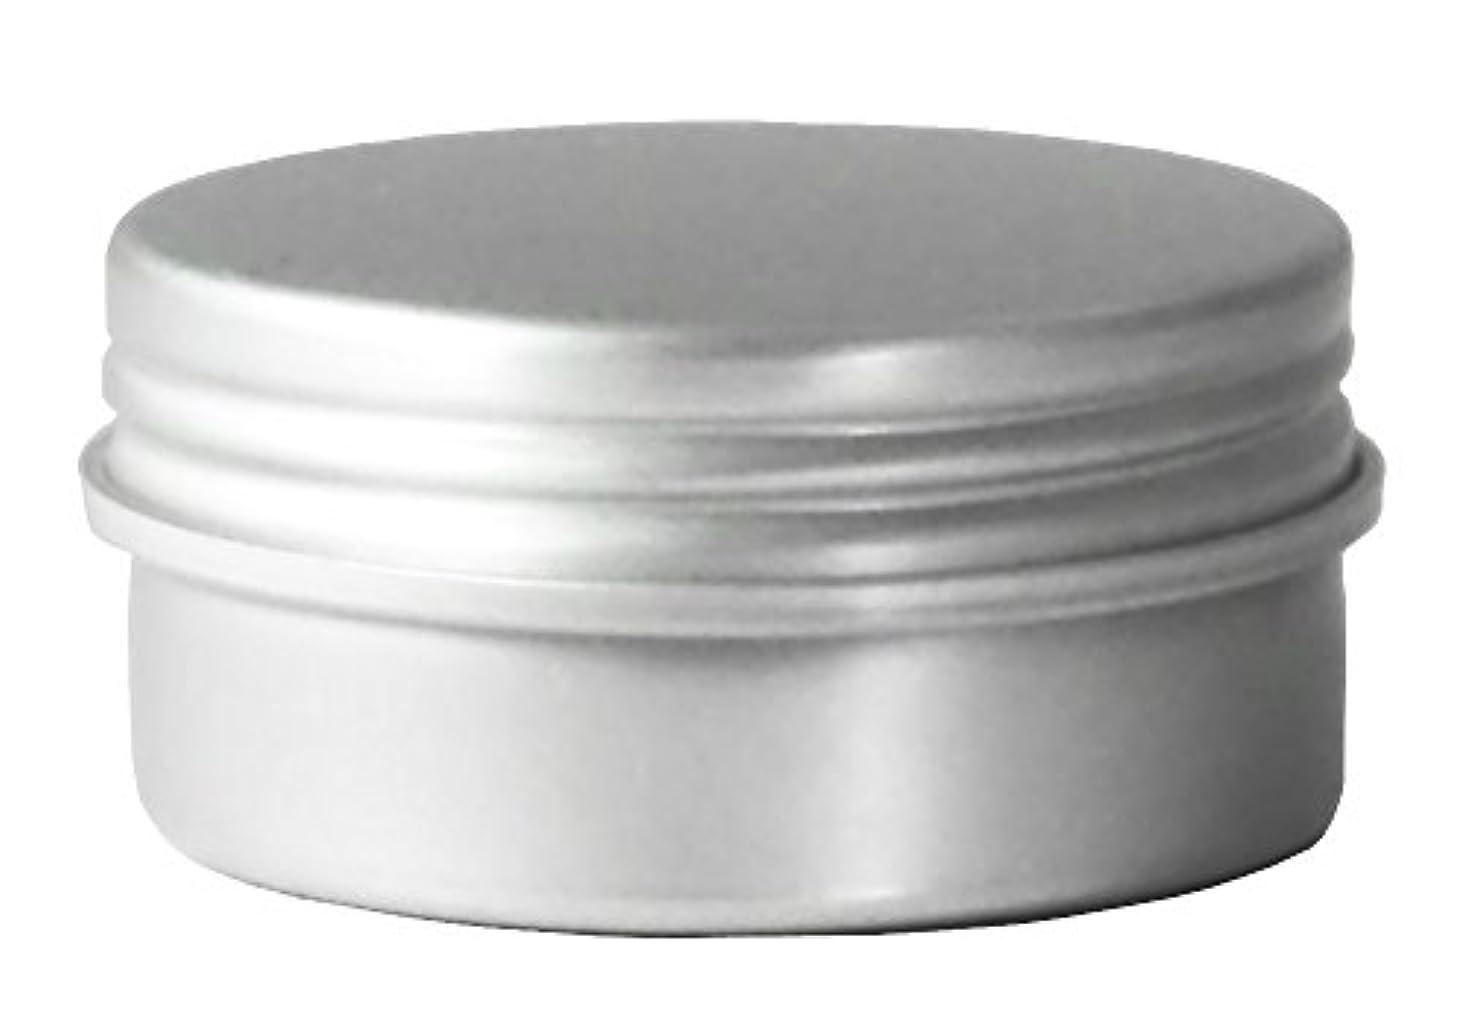 迷信人工的なアルミキャップ缶 ハイシートパッキン付 12ml 【化粧品容器】